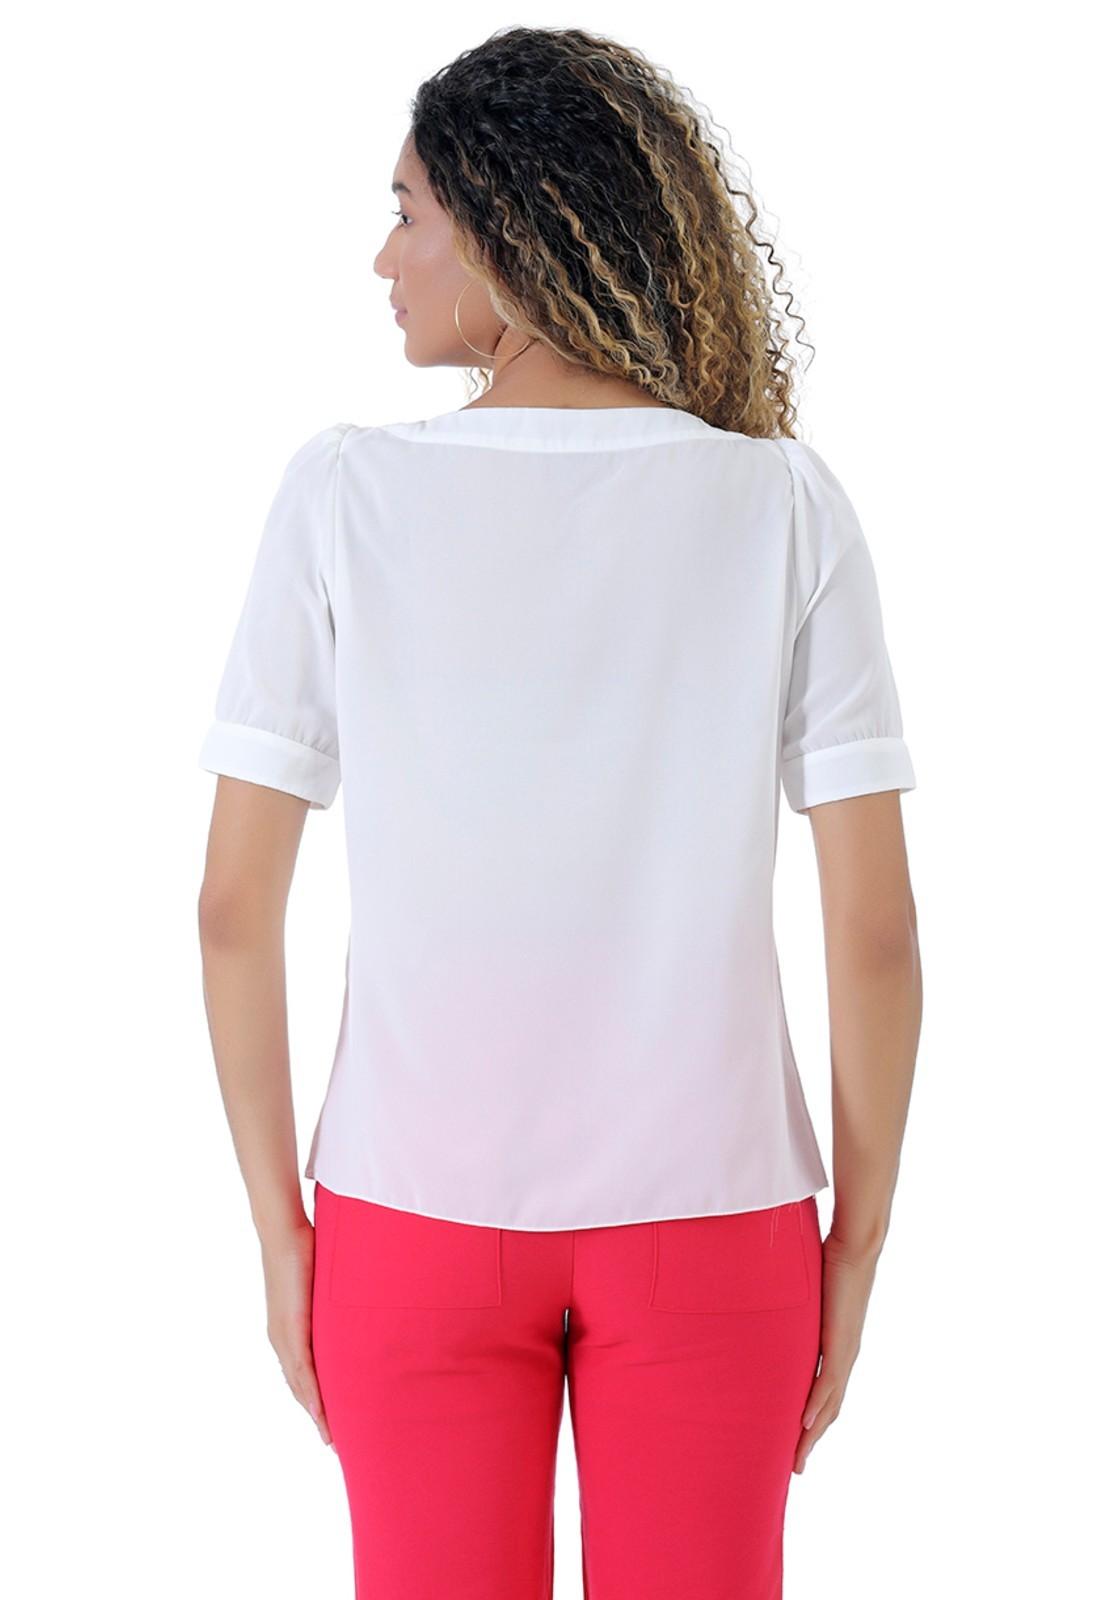 Blusa de crepe básica branca